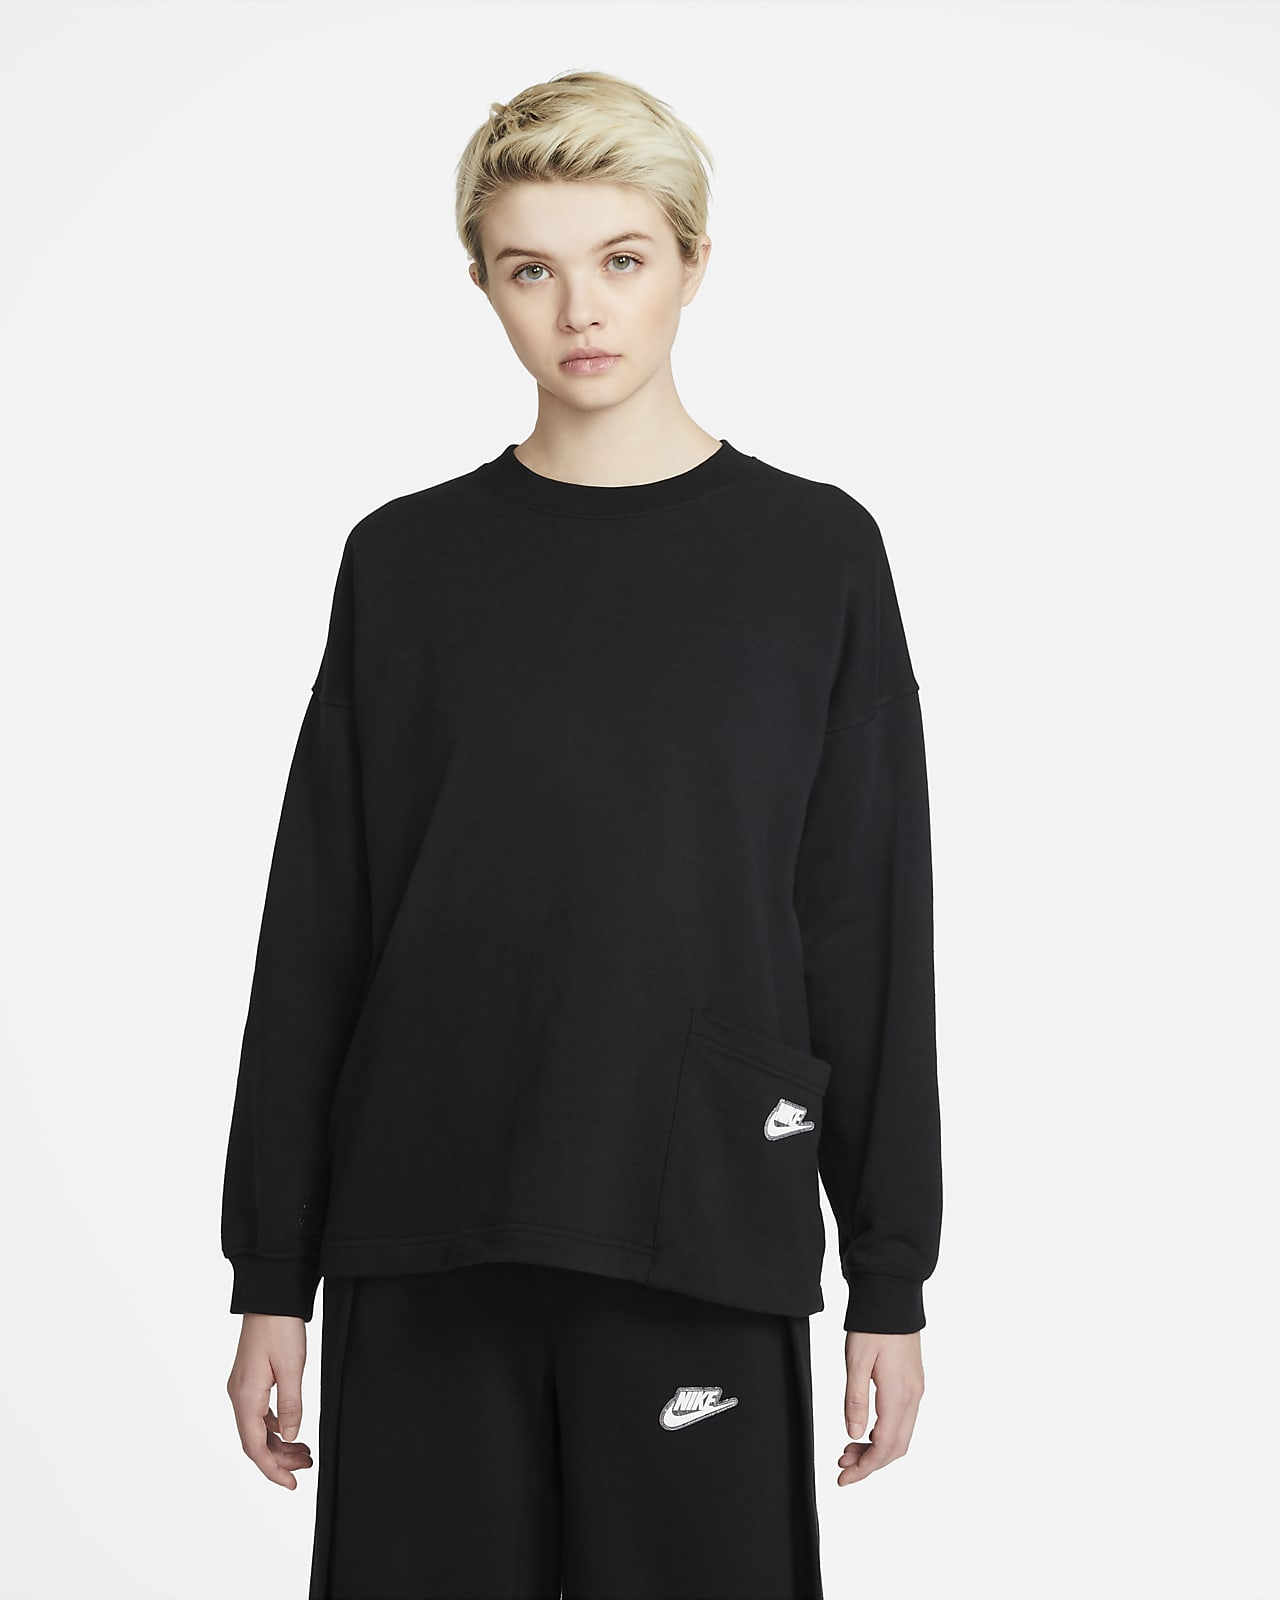 Nike Sportswear Damen-Rundhalsshirt